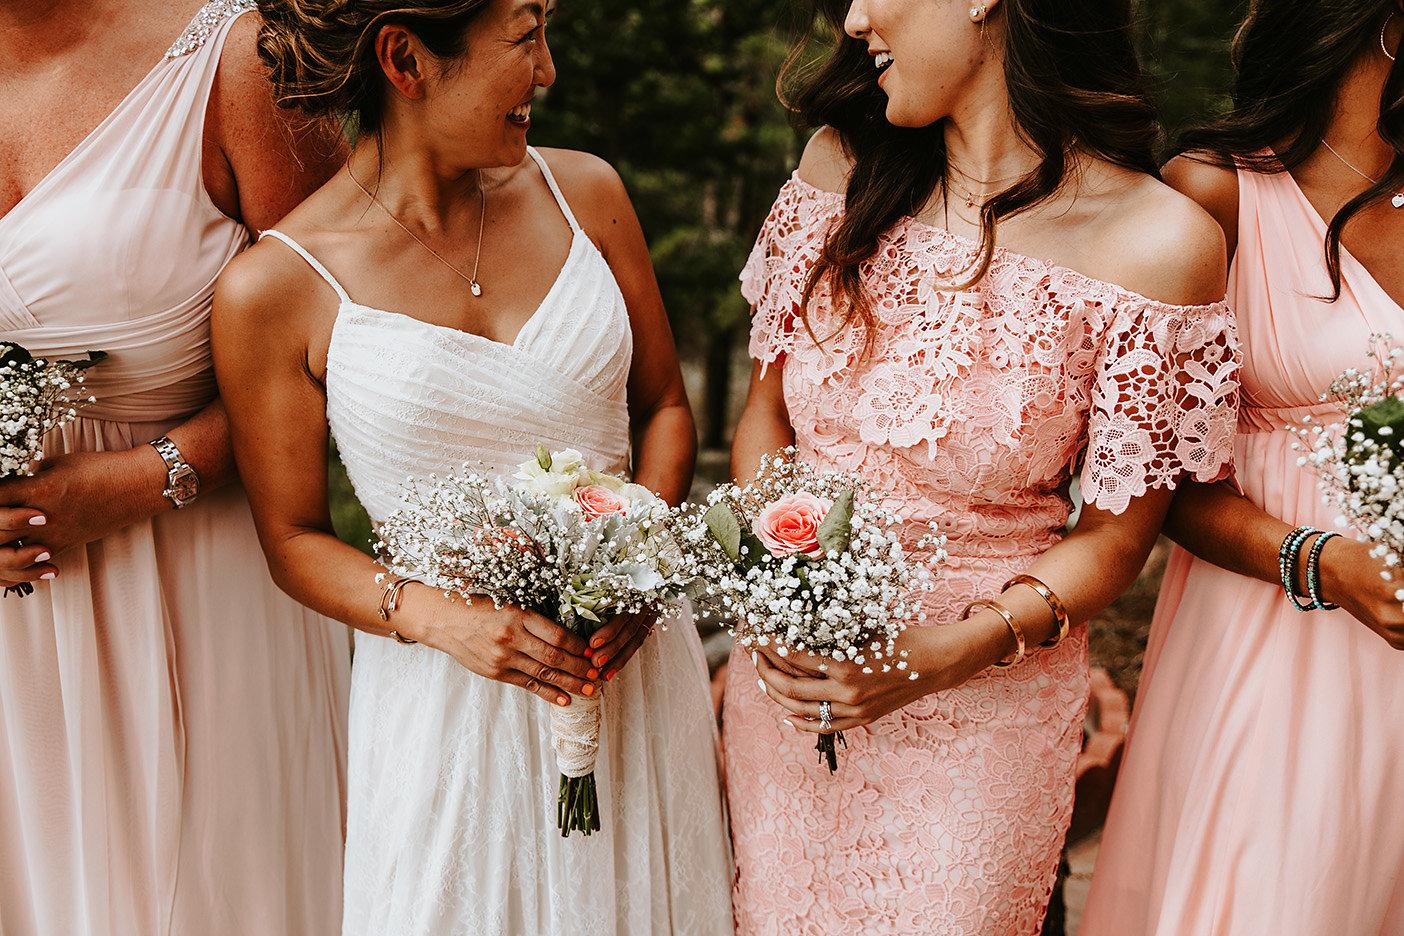 Nederland, Colorado Wedding Party